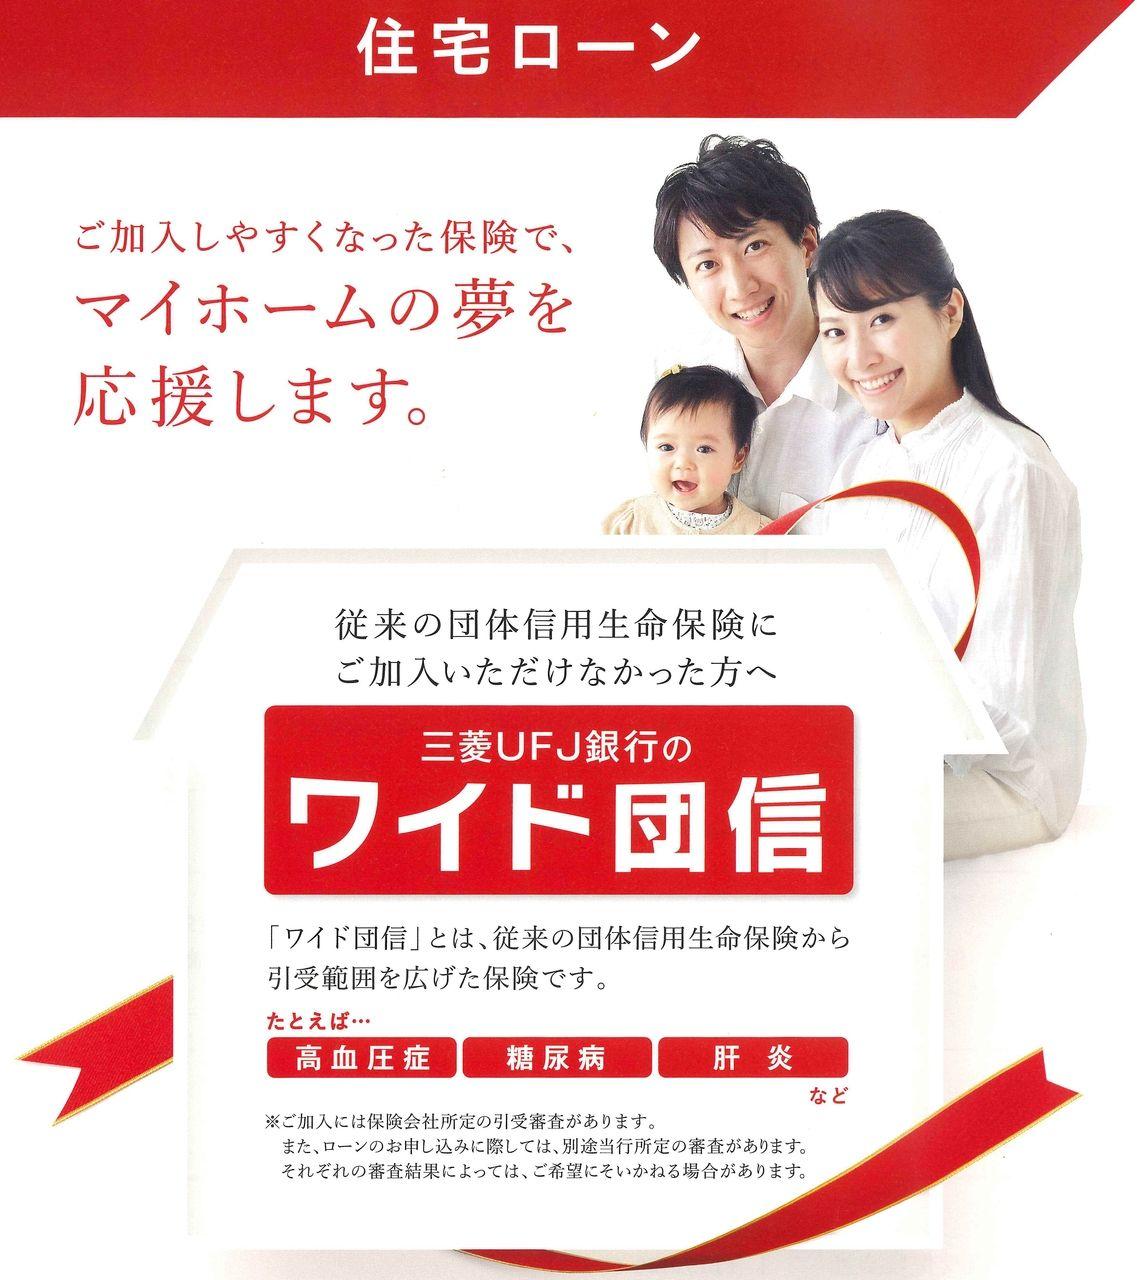 従来の団体信用生命保険から引受範囲を広げた保険になっています。